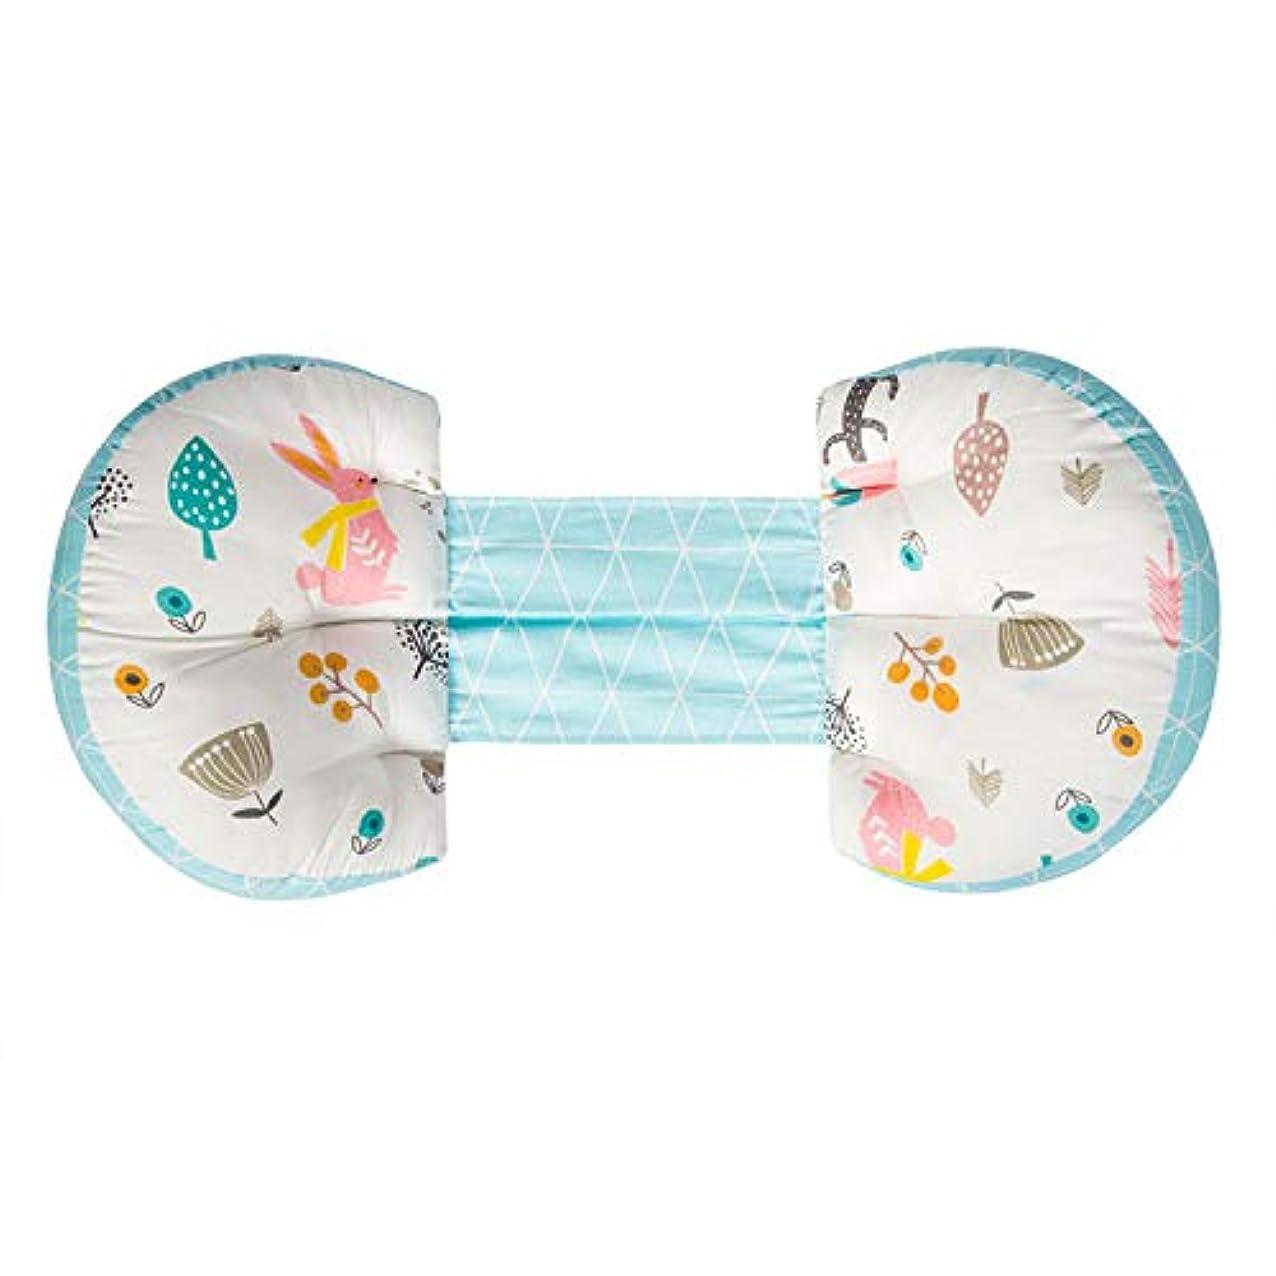 鋸歯状スリップ部族サイドスリーパー妊娠枕、調節可能なベッドウェッジサポートウエストサイドスリーパー枕、バンプとバックサポートクッション